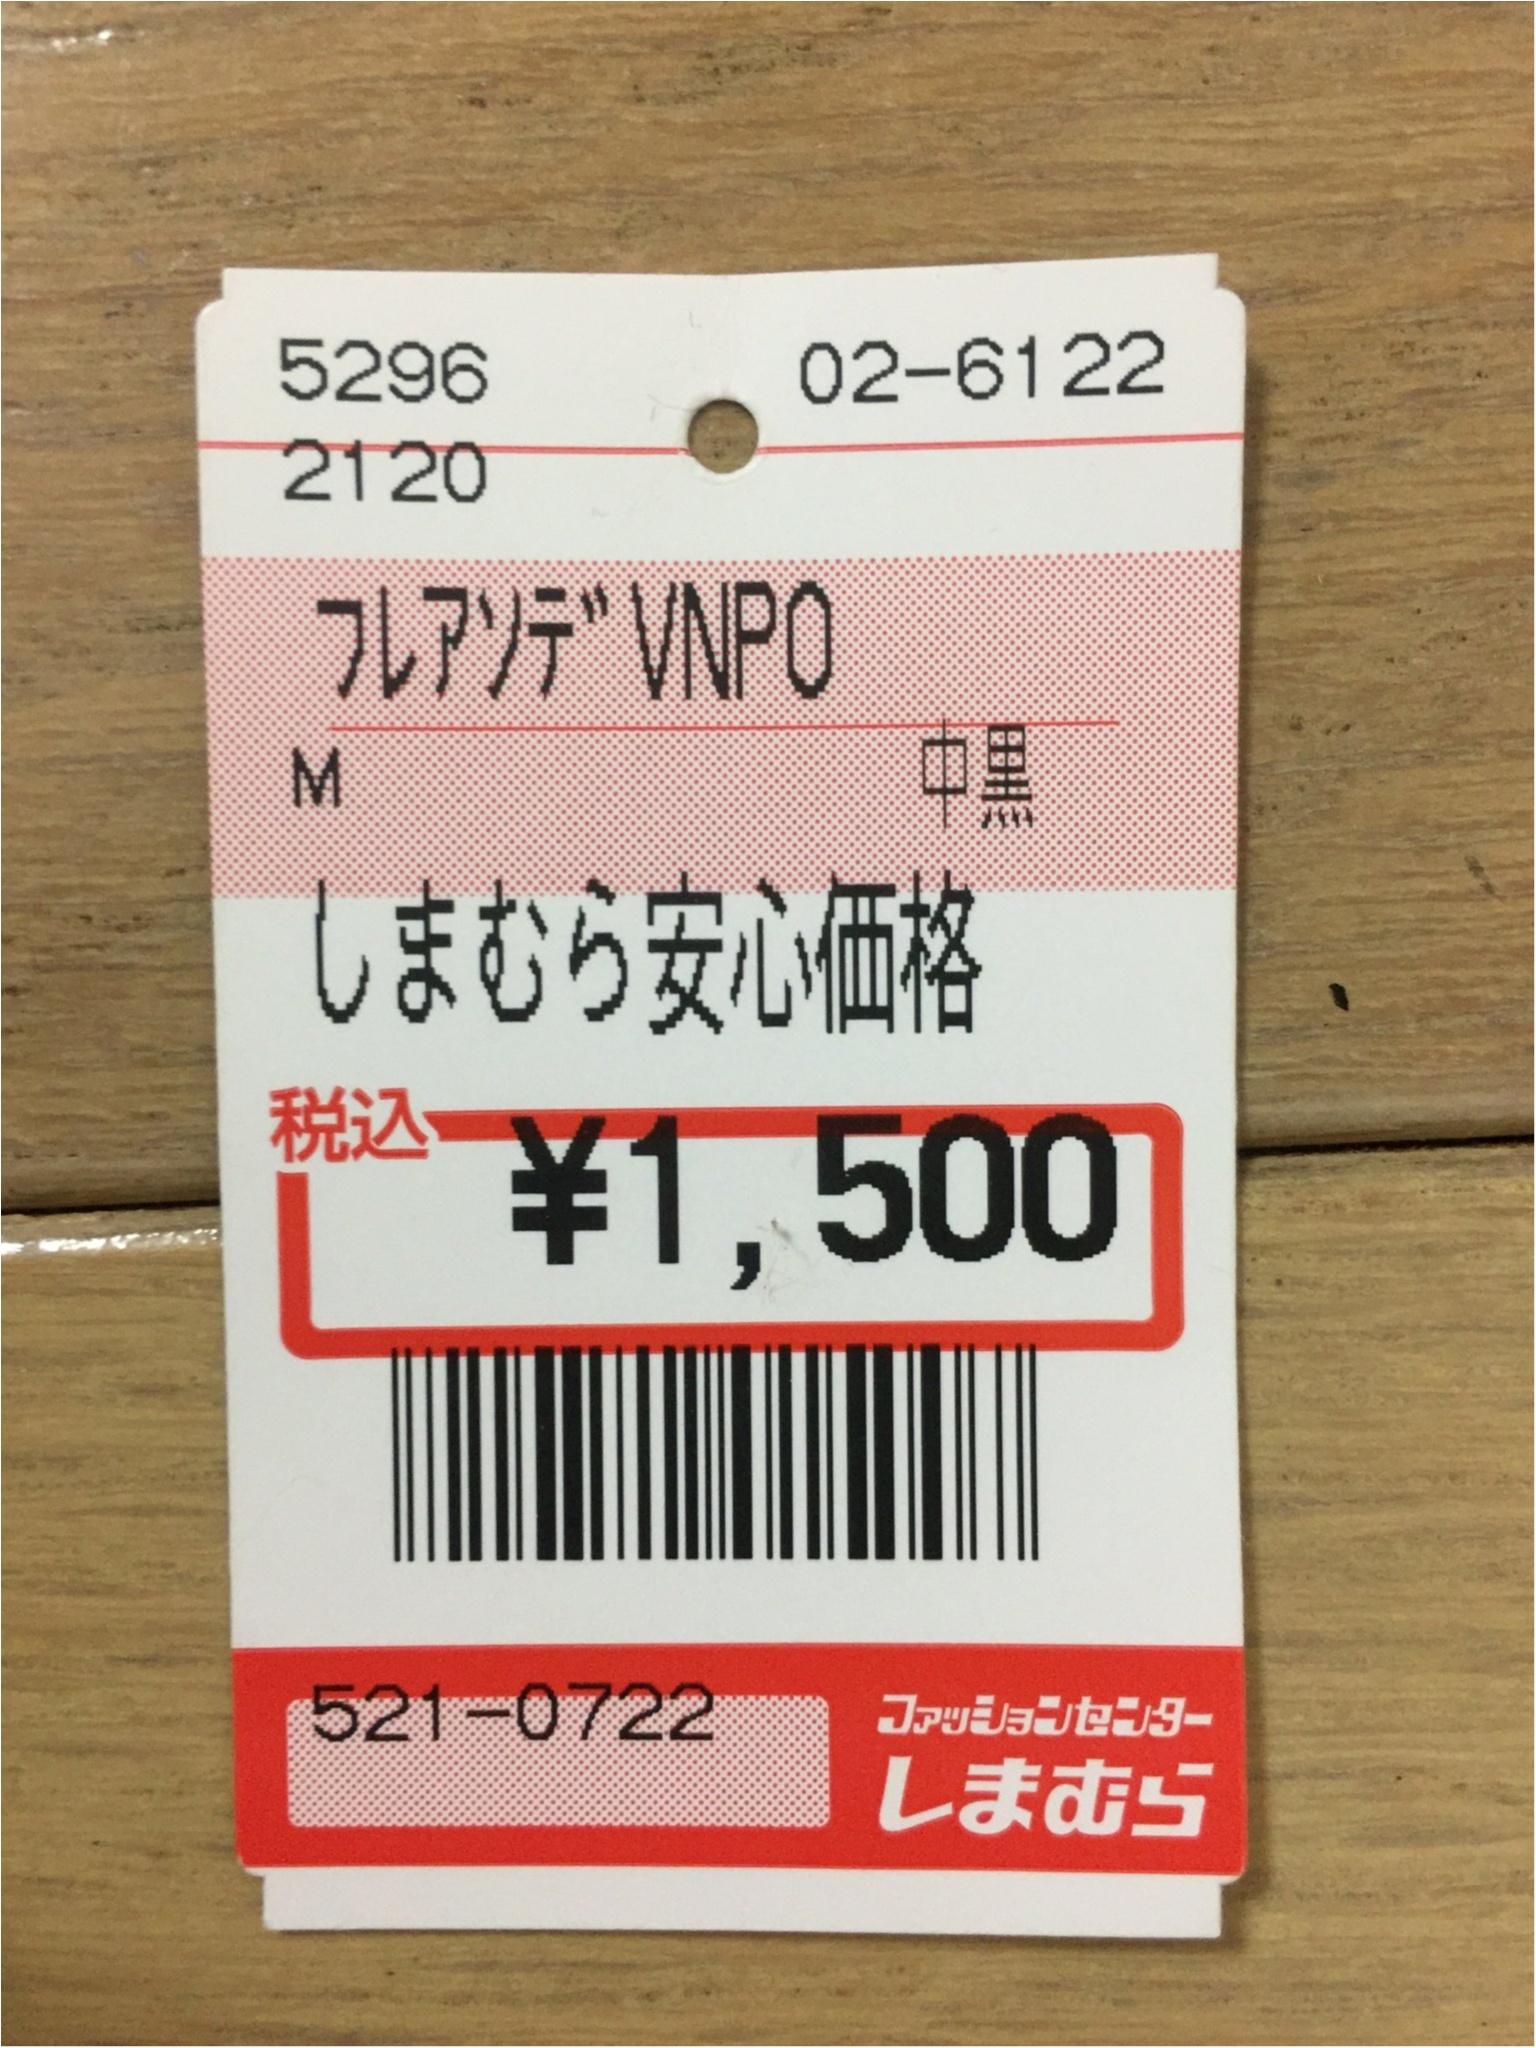 【しまむらで1500円!】春のブラウス購入!袖に注目!!_1